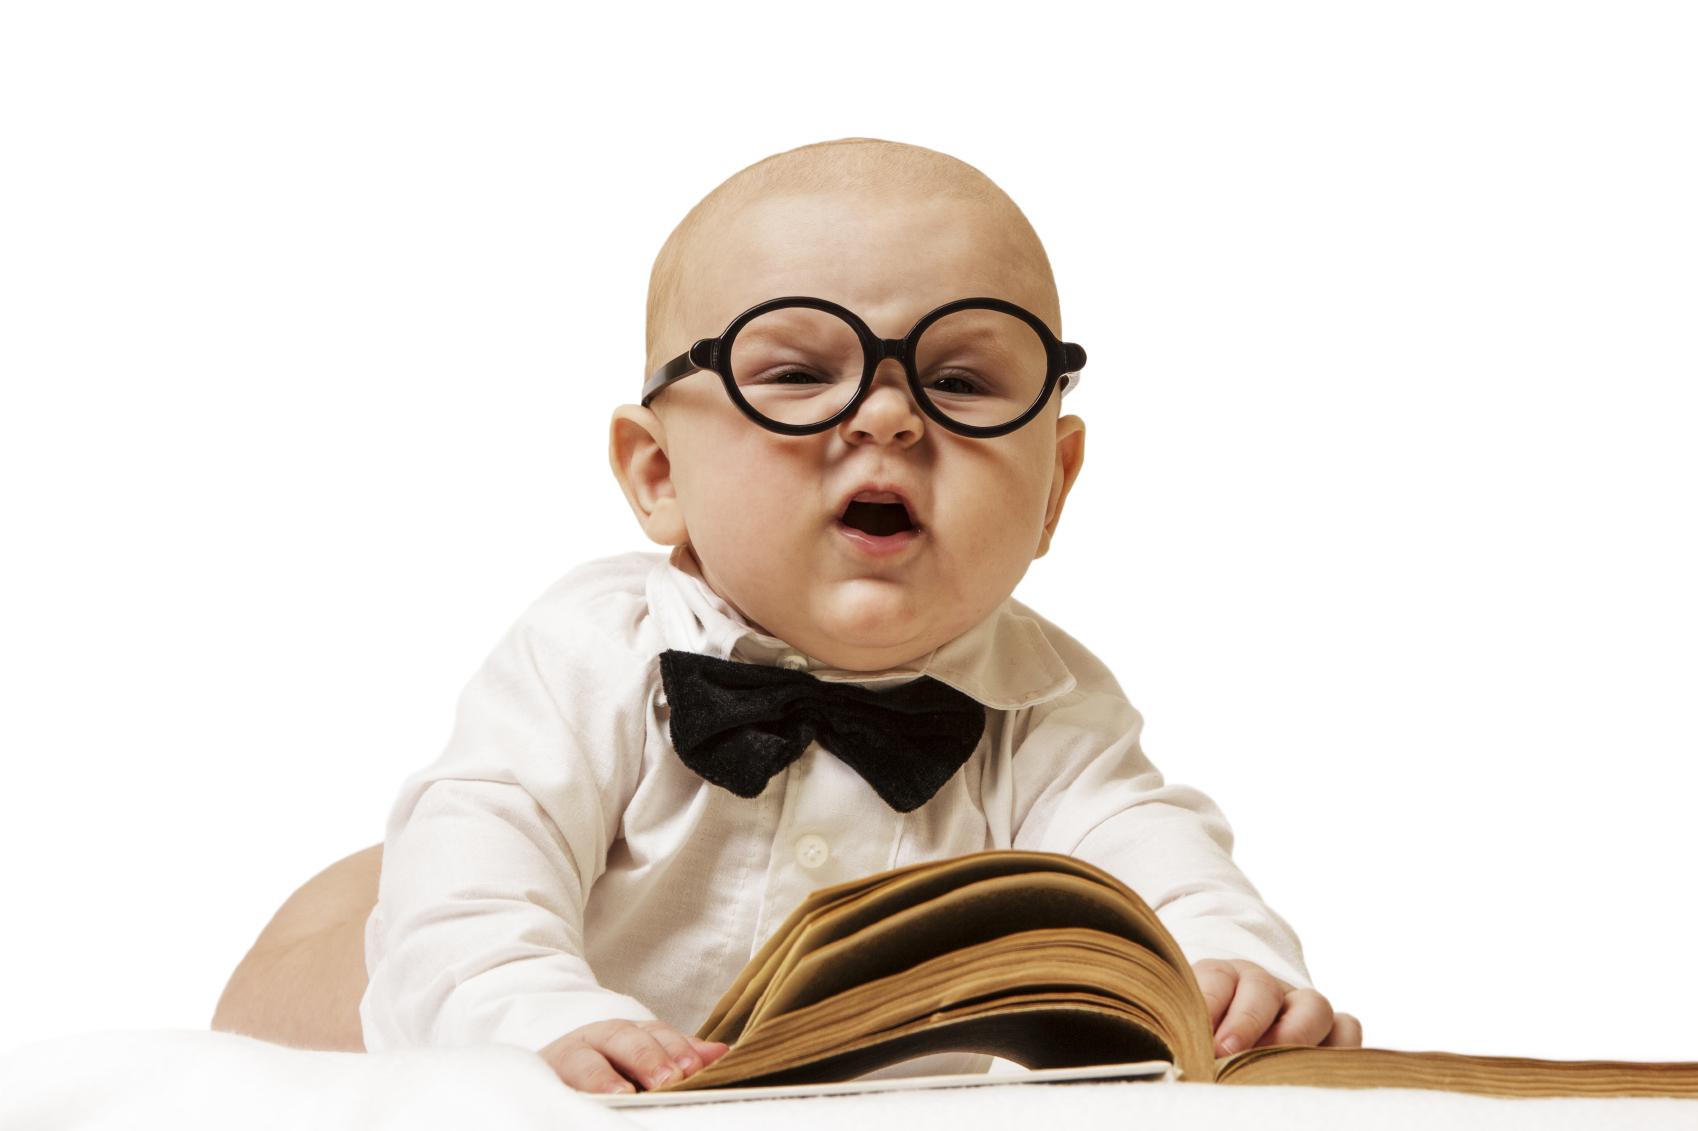 صوره كيف اعرف ان الطفل ذكي